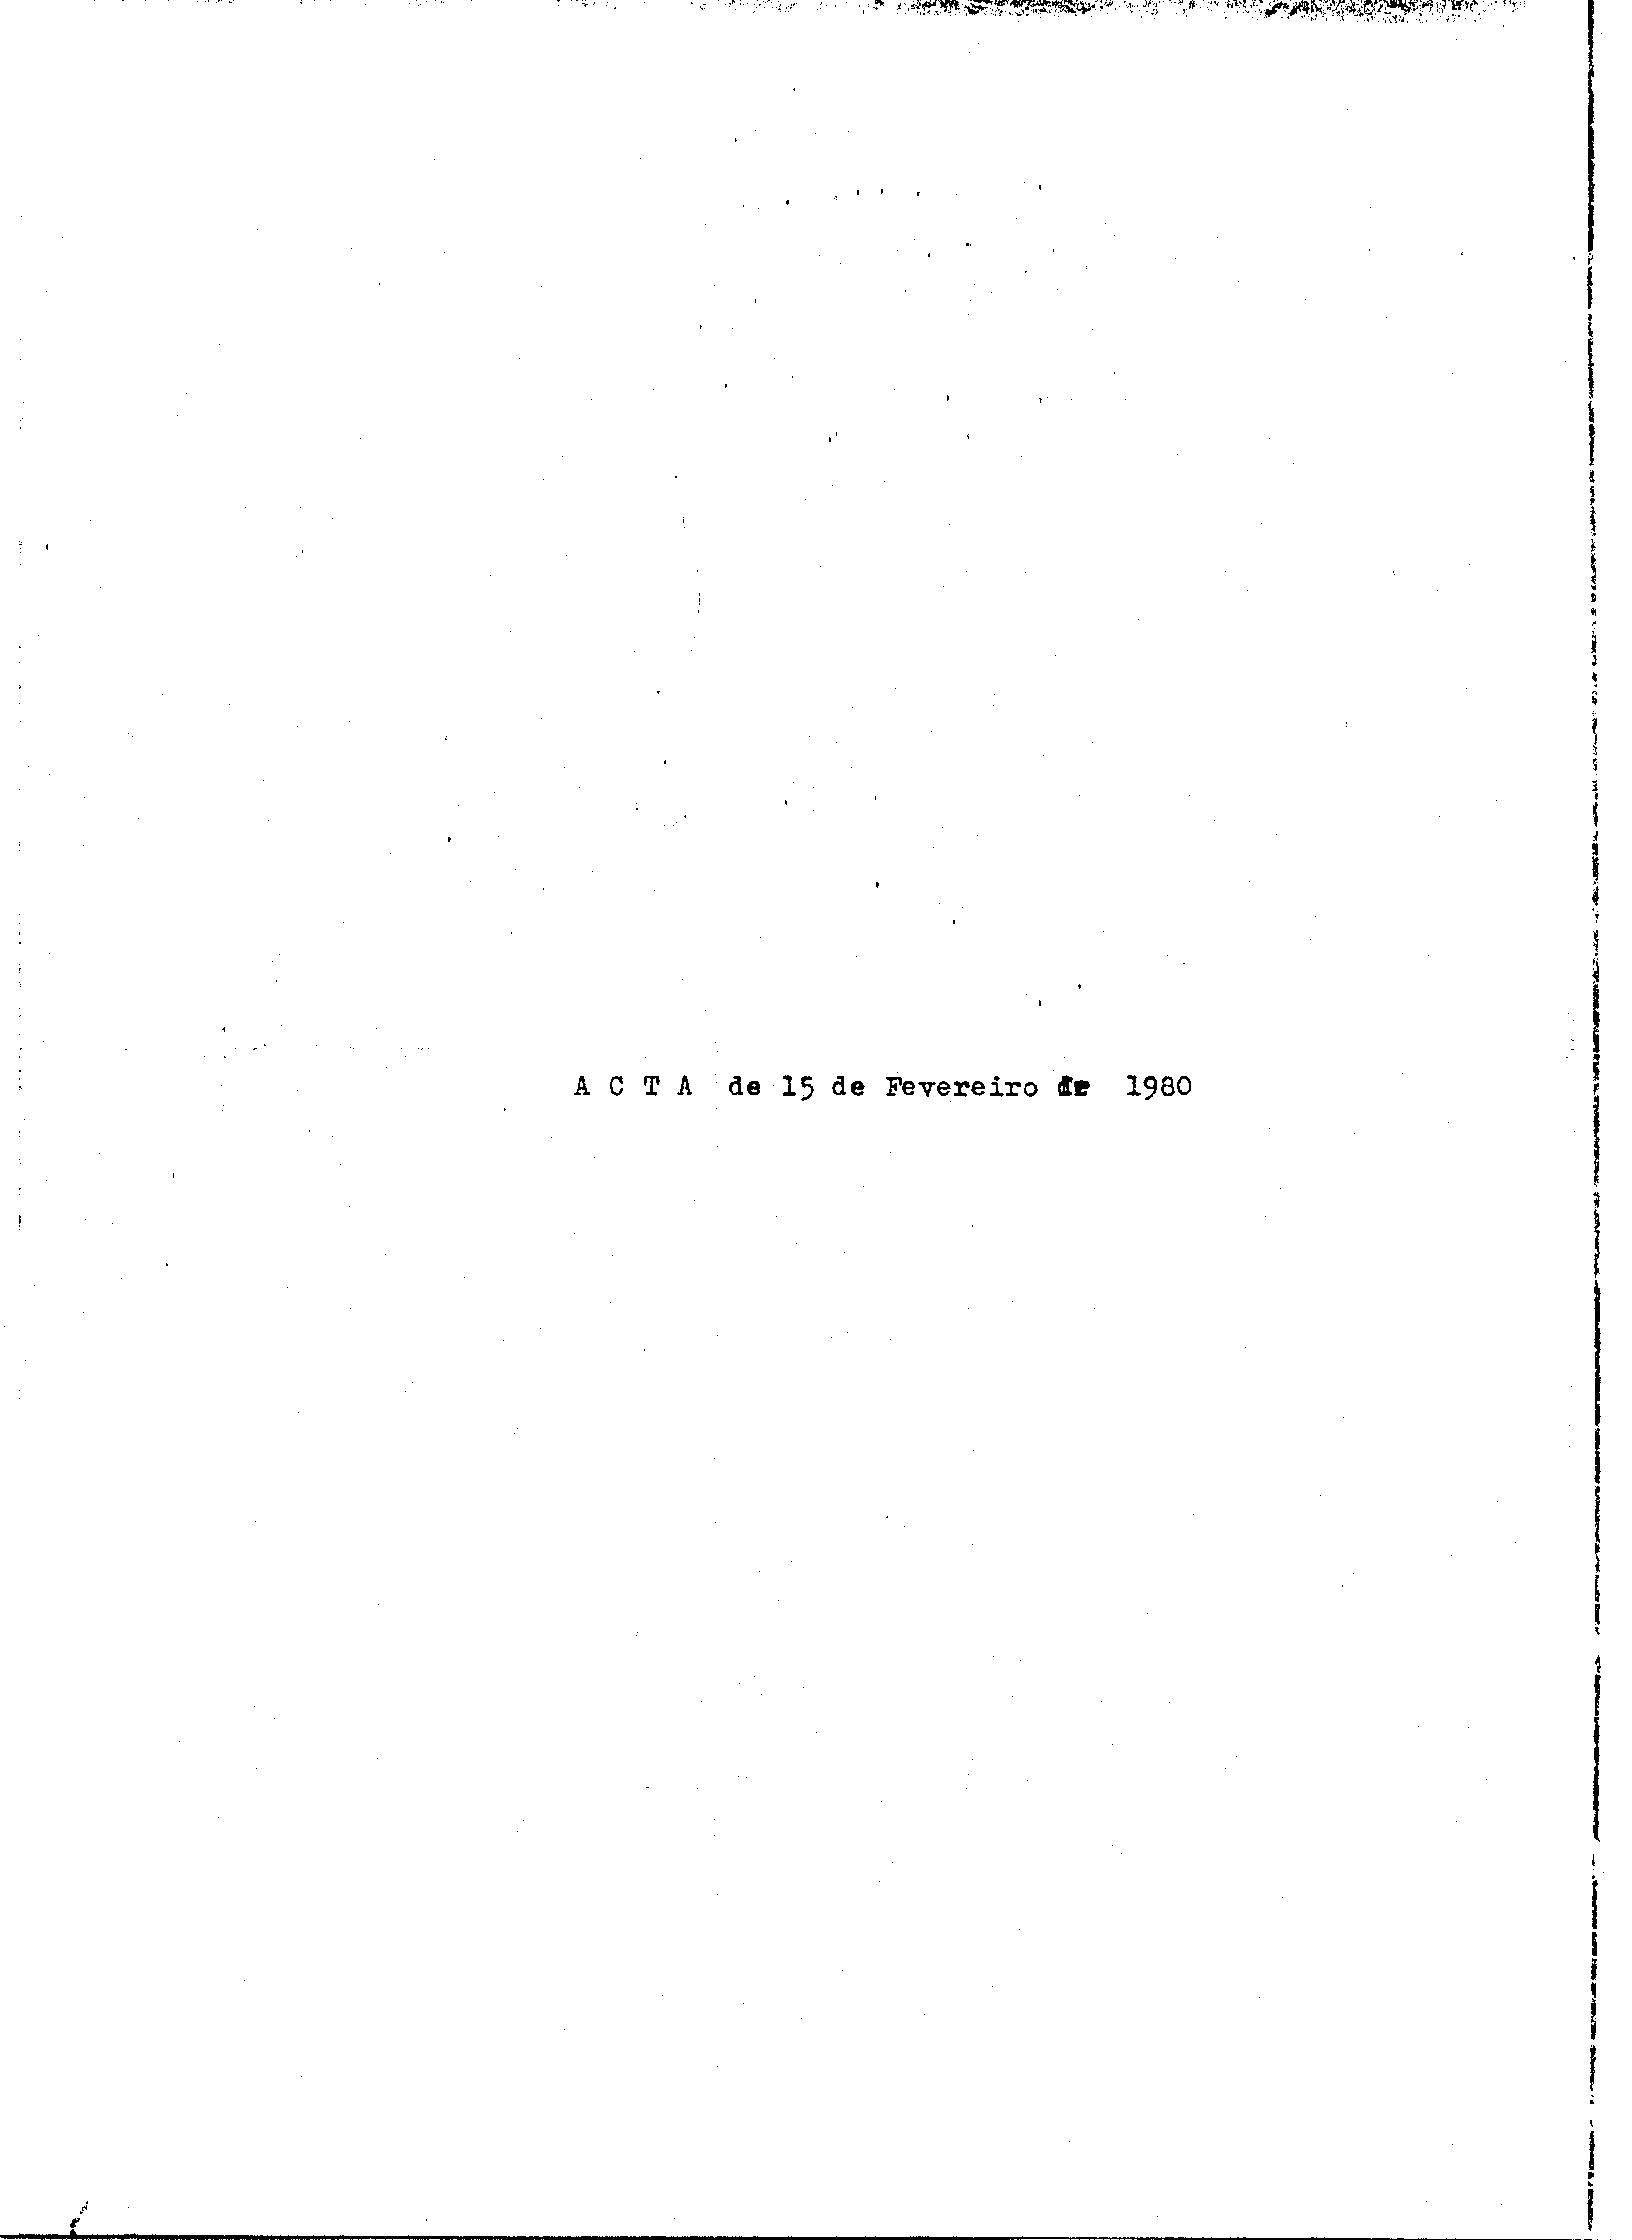 02975.239- pag.1